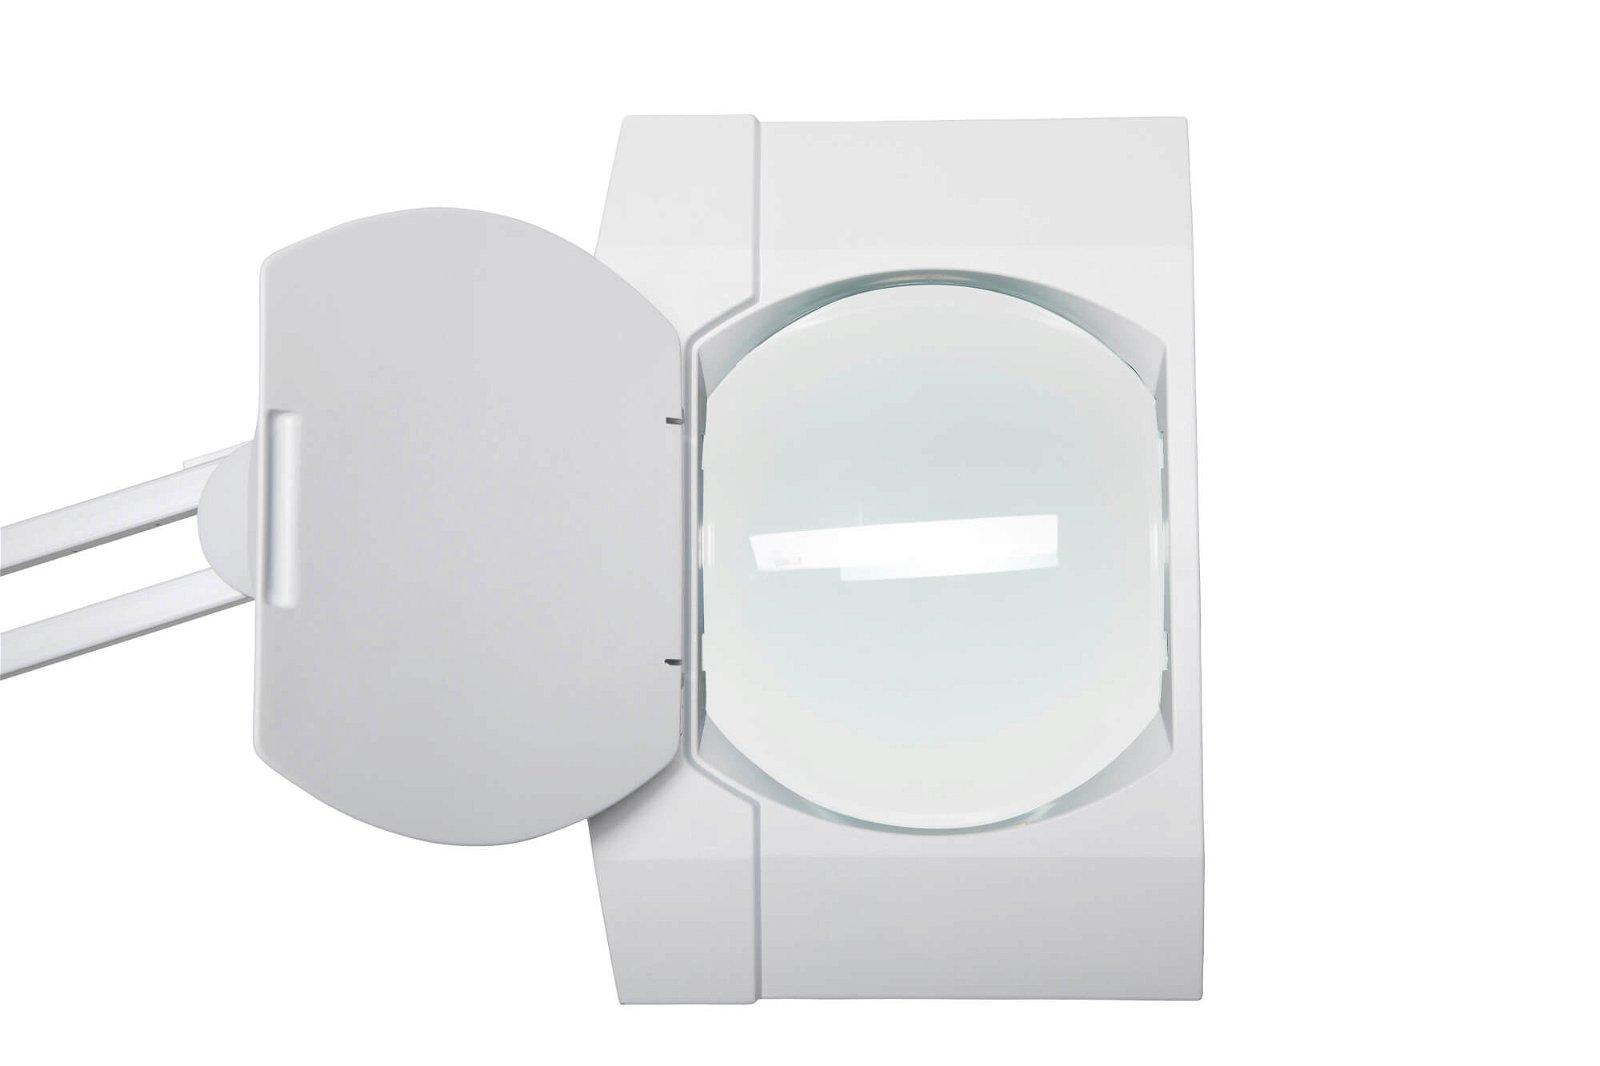 Energiespar-Lupenleuchte MAULvitrum, mit Standfuß, weiß